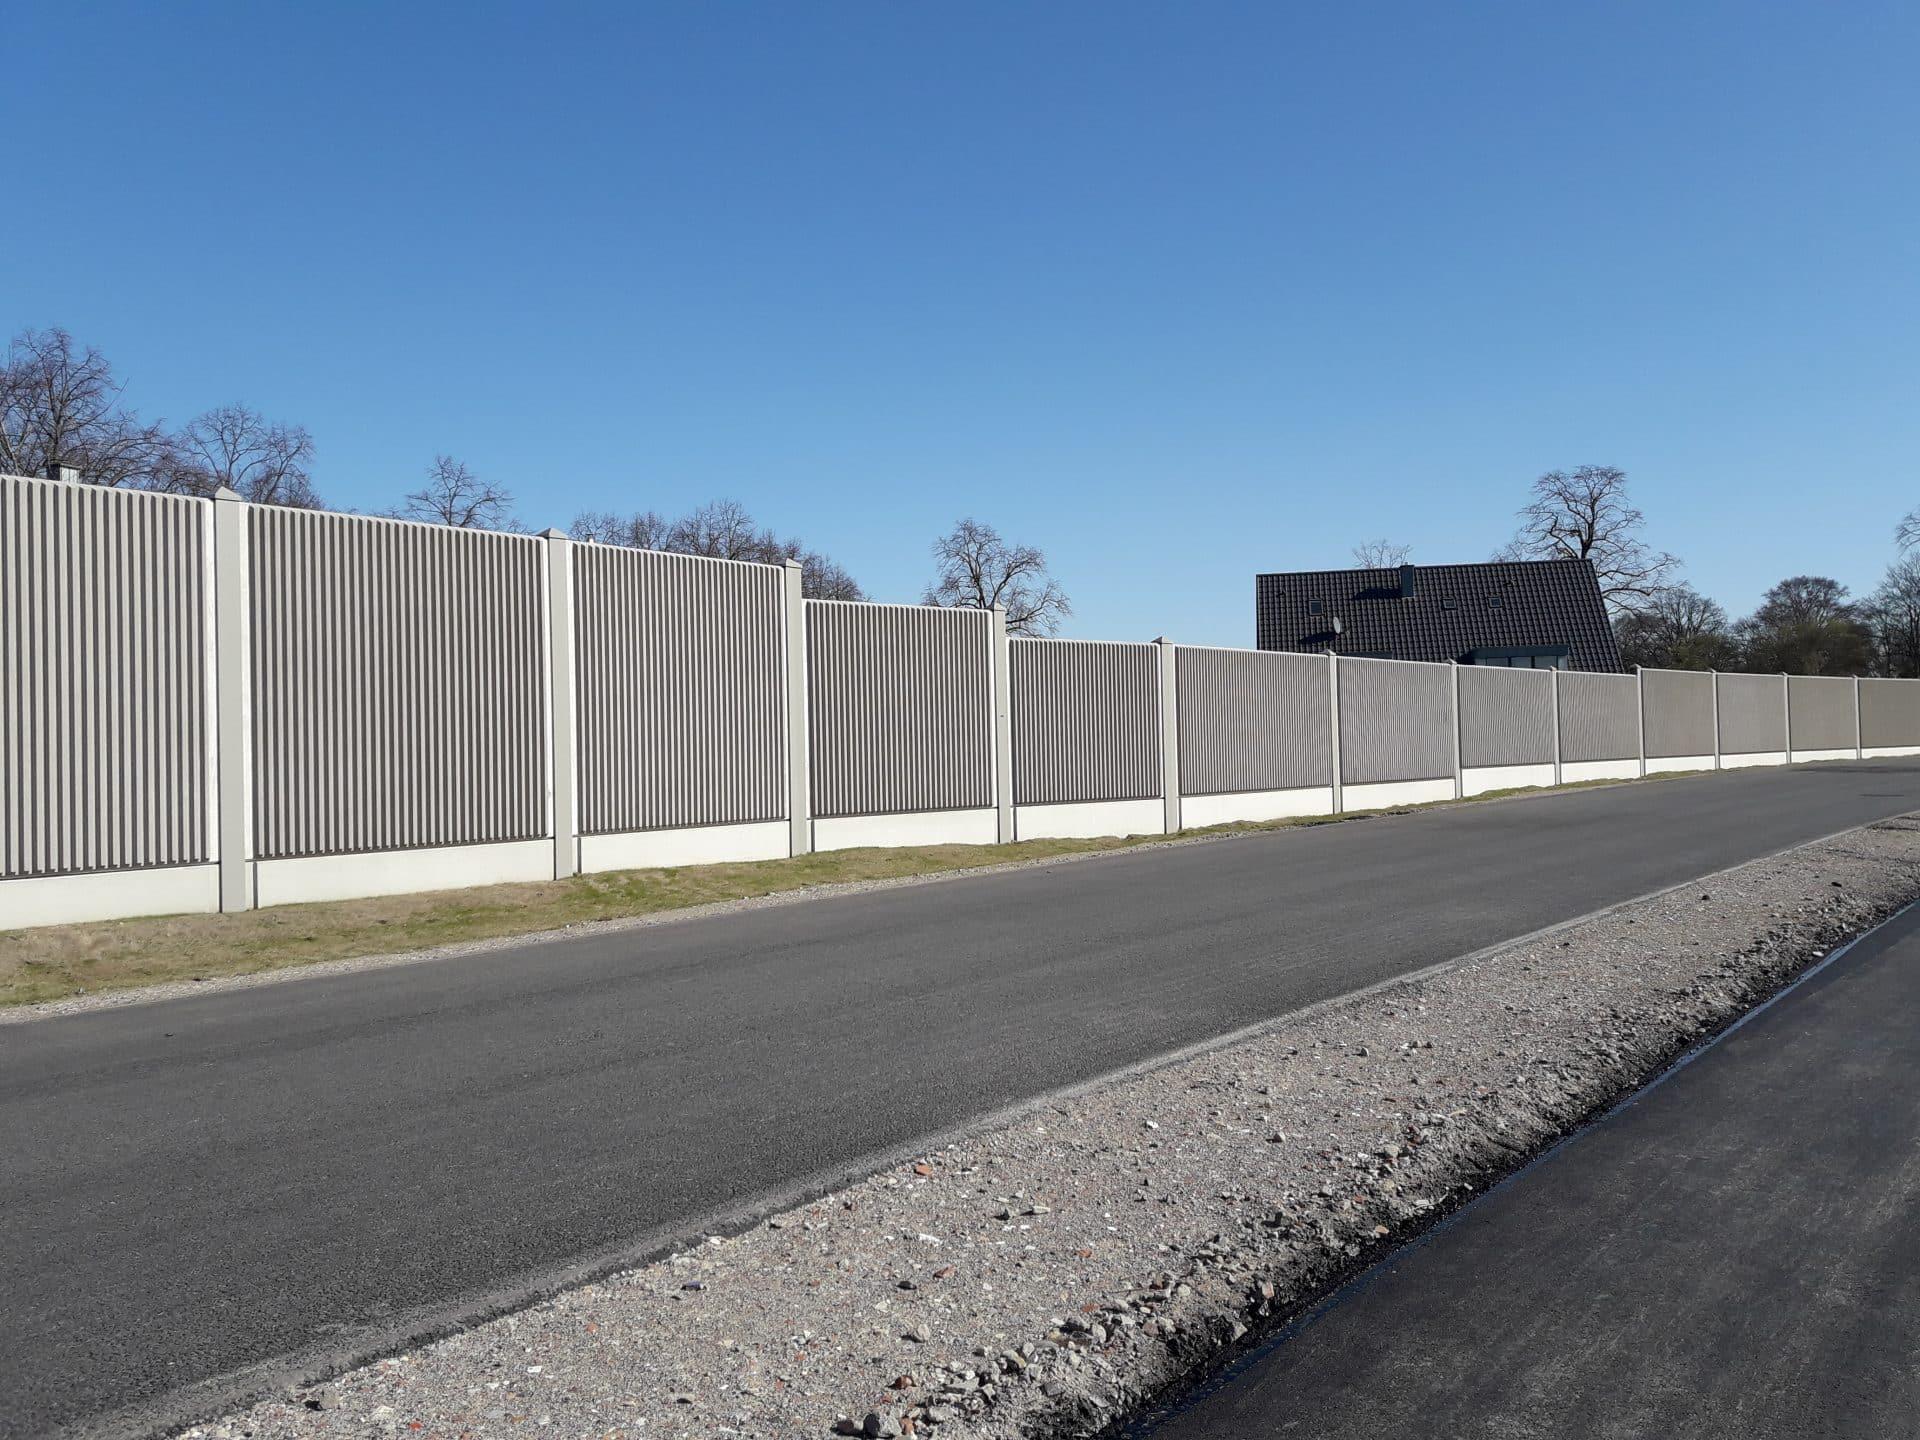 Lärmschutzwand, Stahl-Beton, Nordrhein-Westfalen